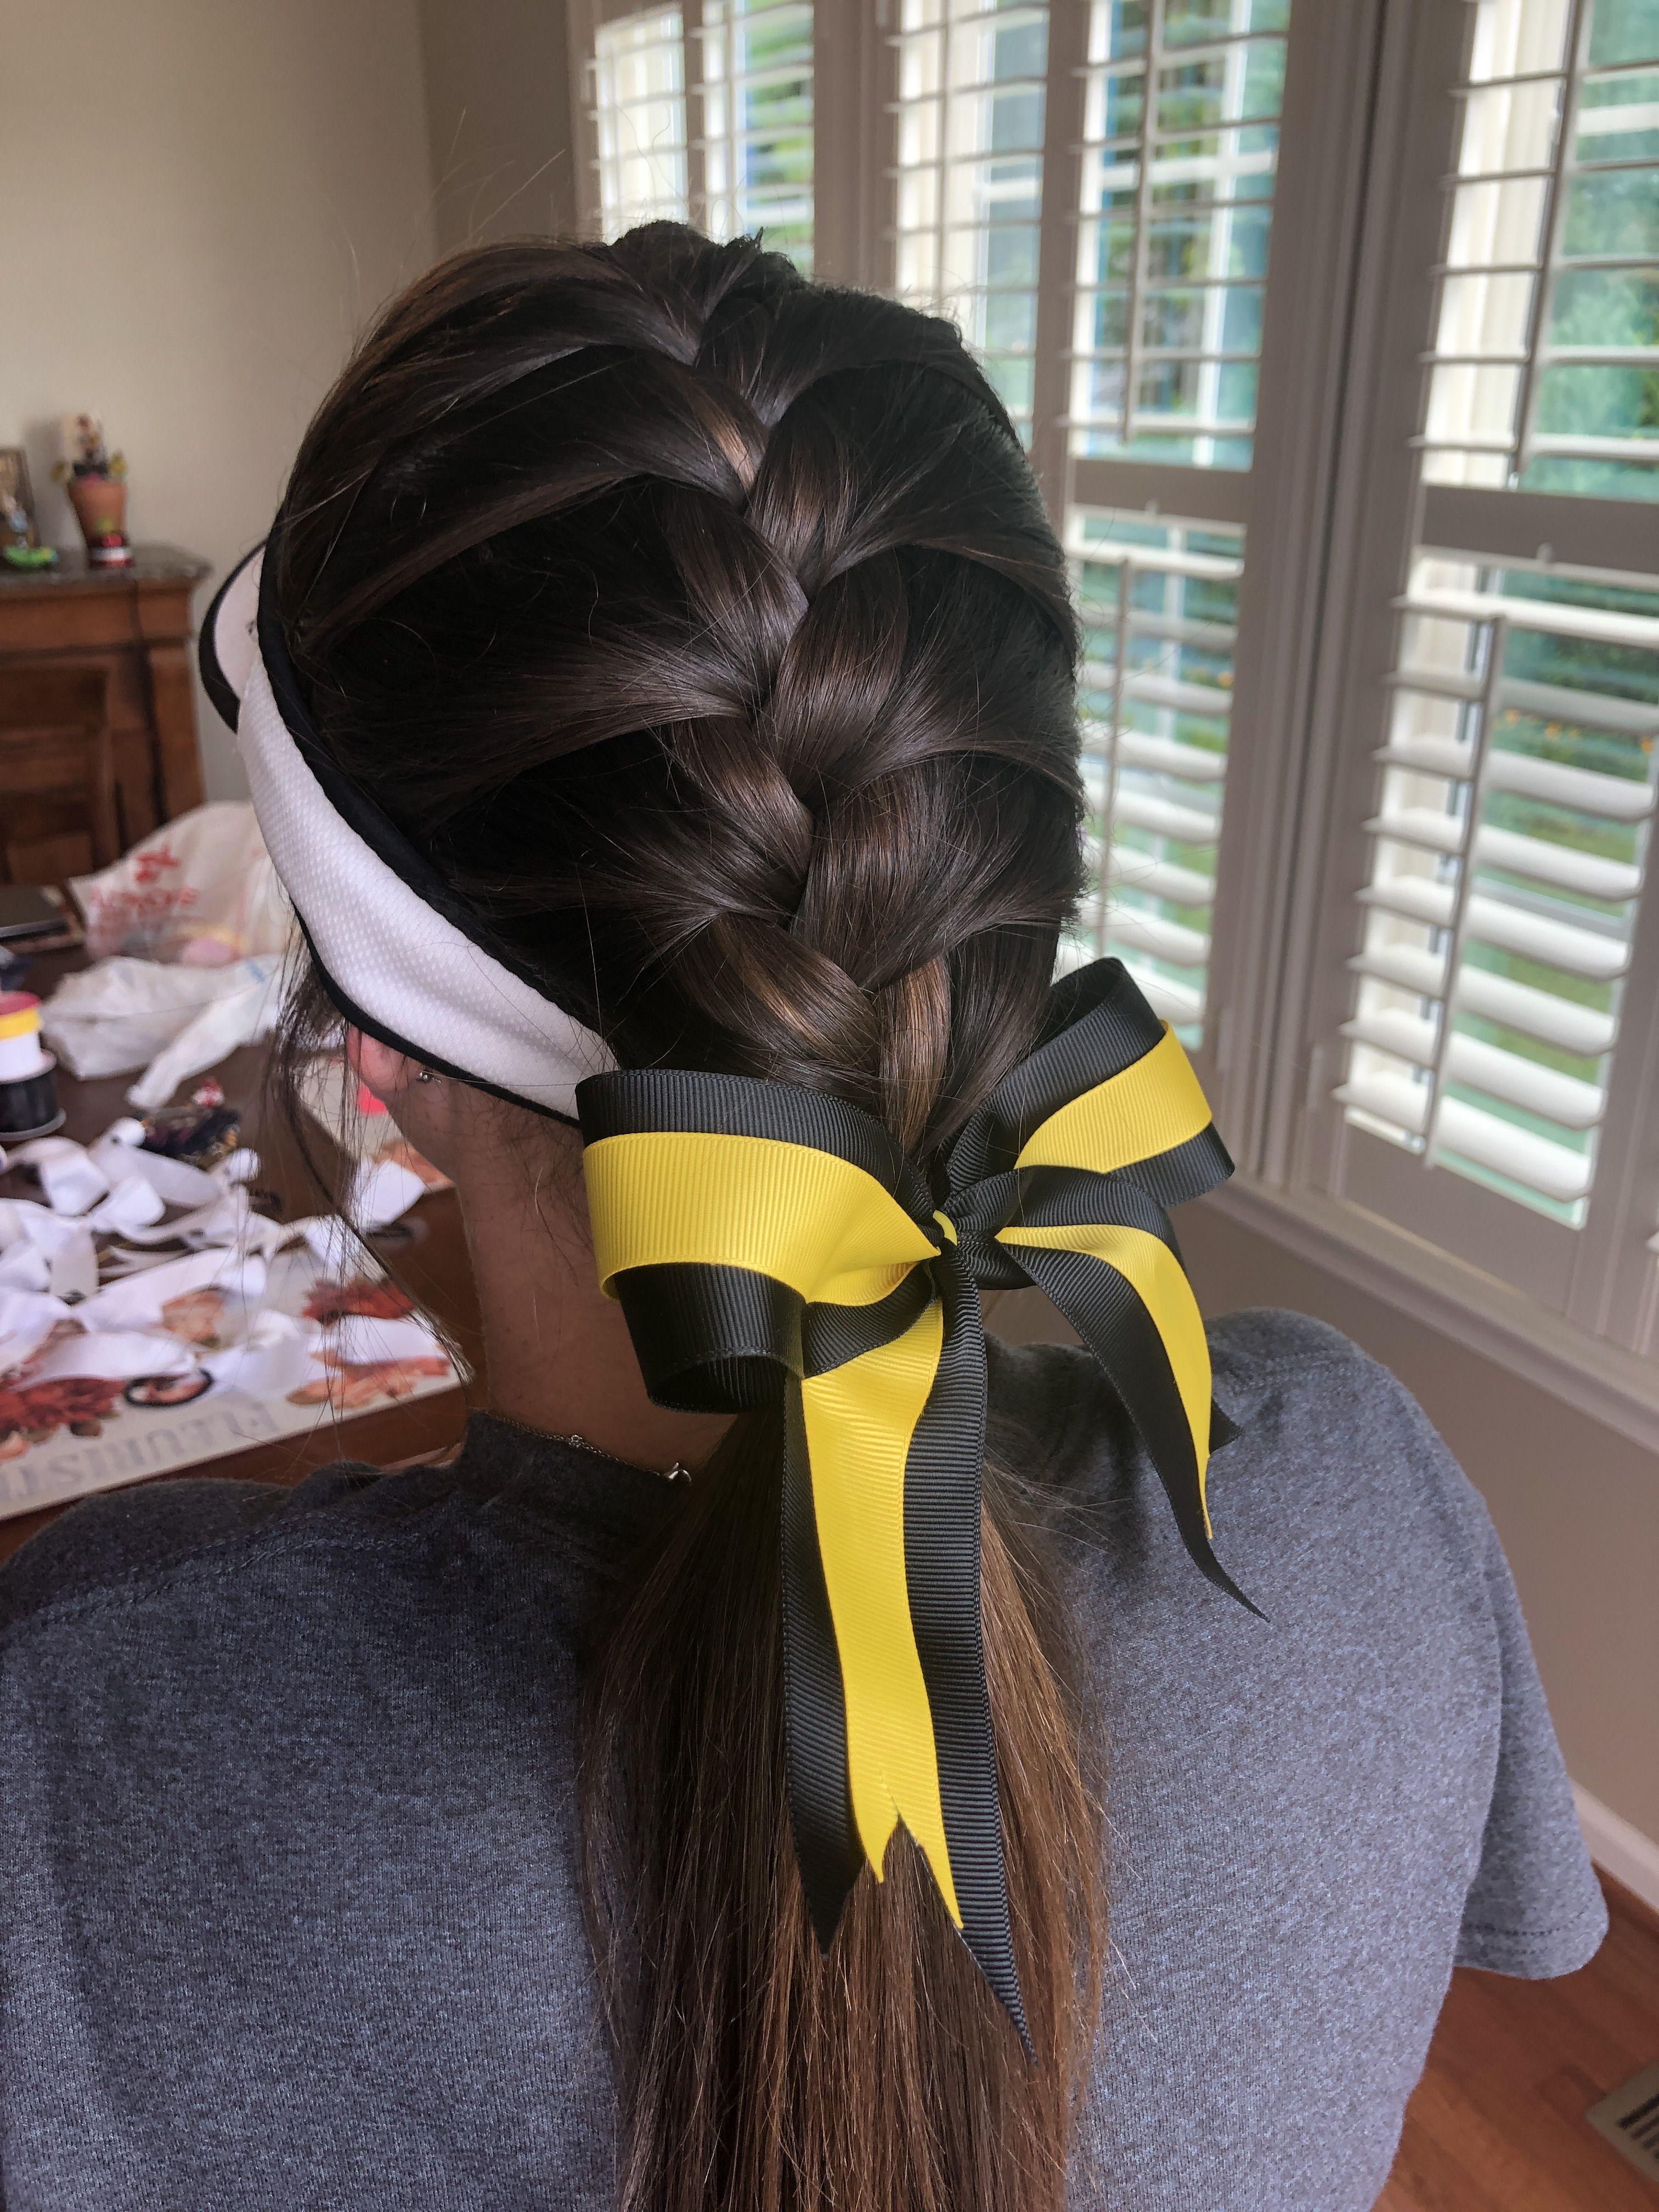 Softball Hair Sporty Hairstyles Sports Hairstyles Softball Hair Braids